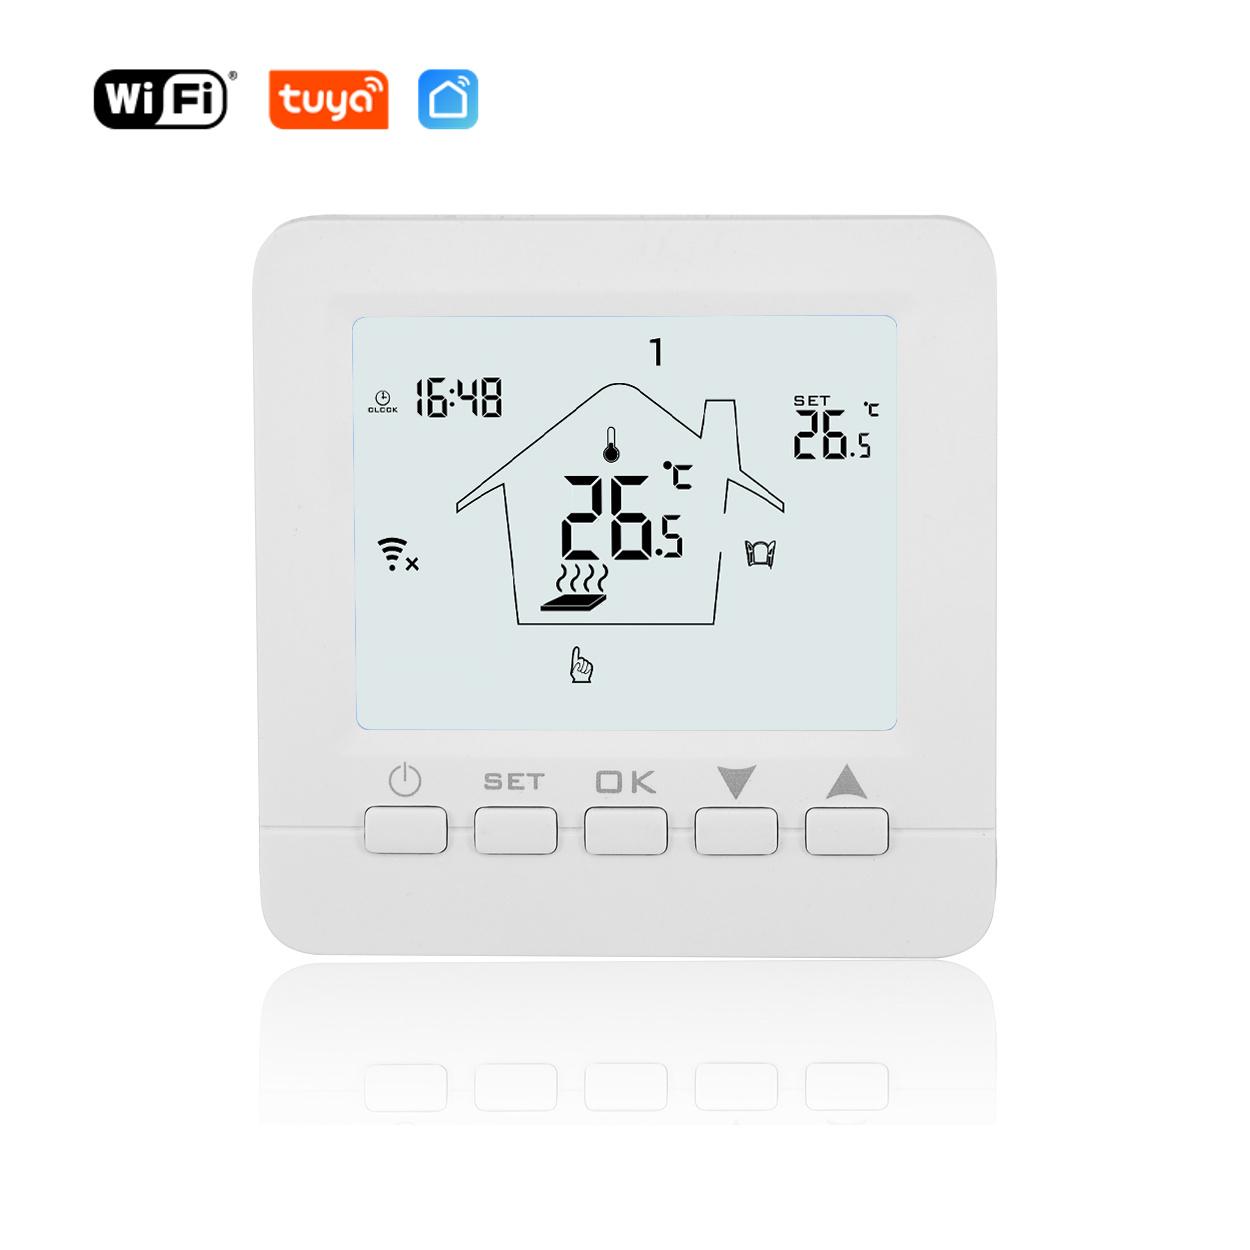 WiFi Termostat 3A pro kotle - Tuya